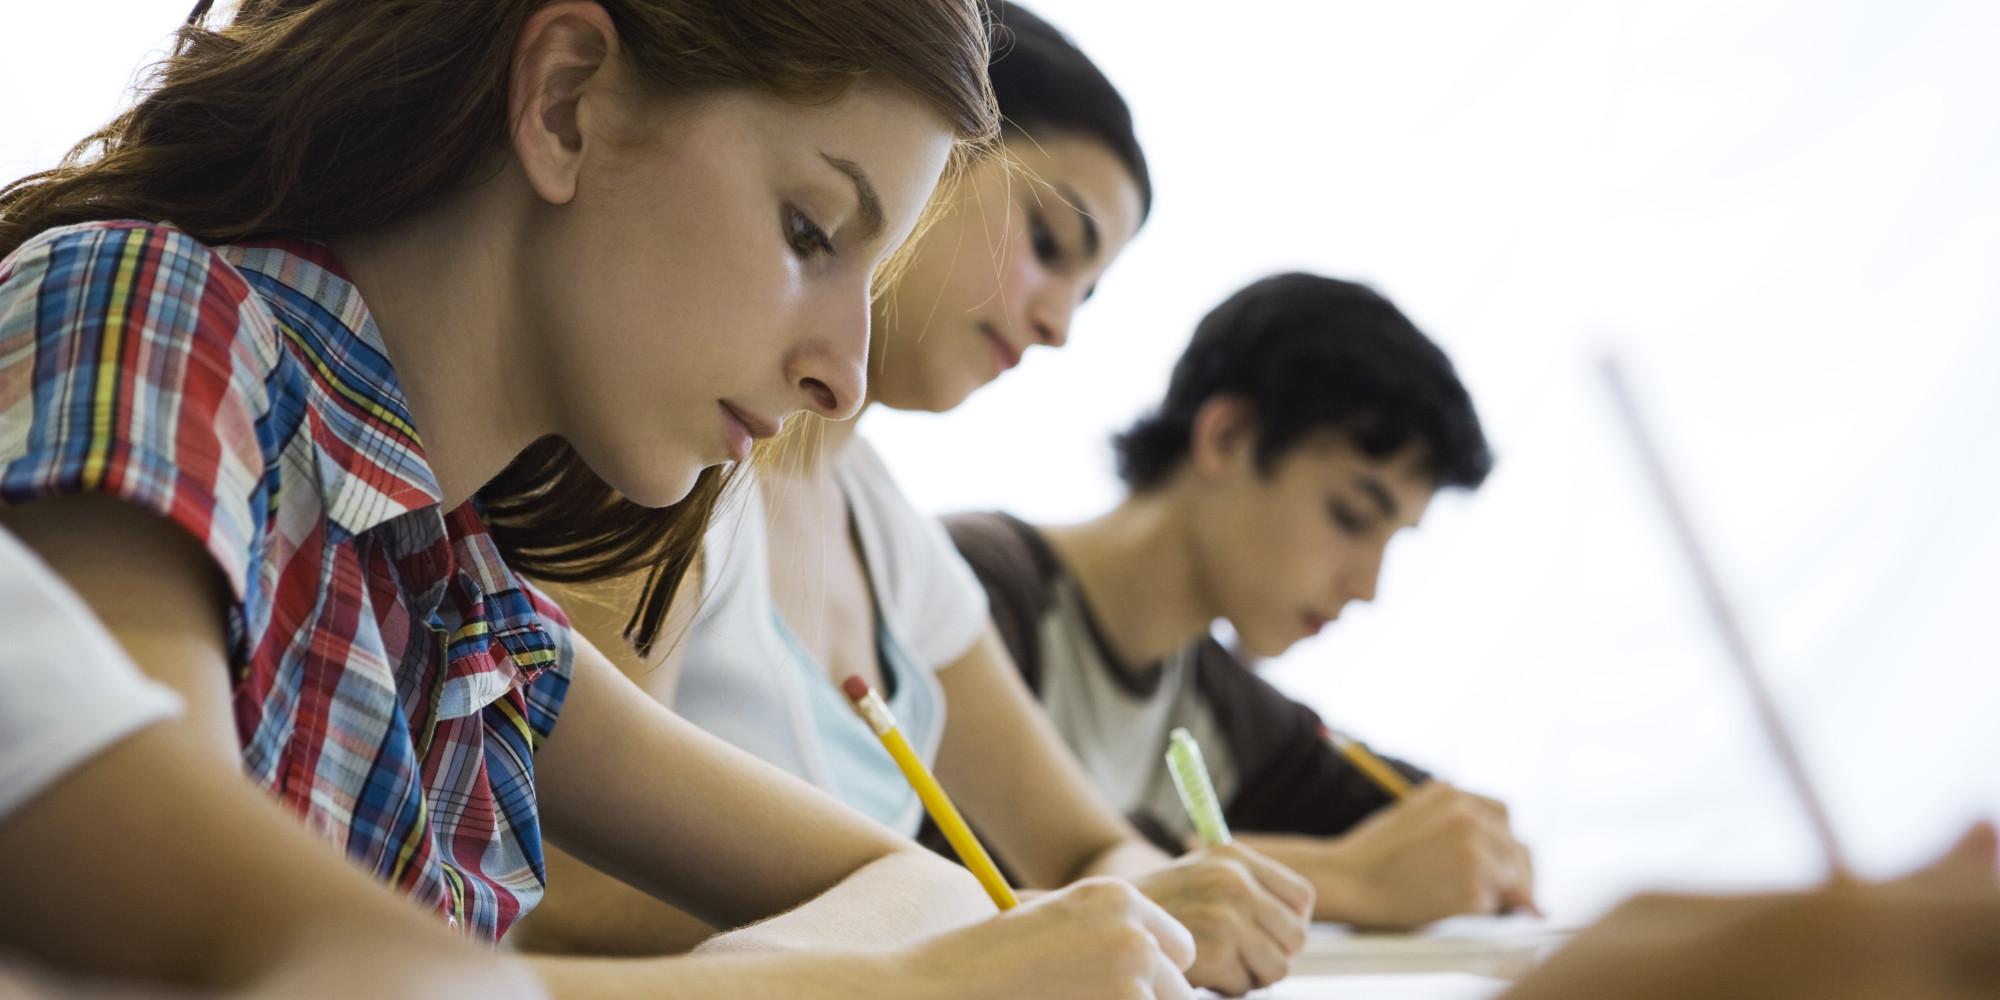 teenagers need safe sex education essay